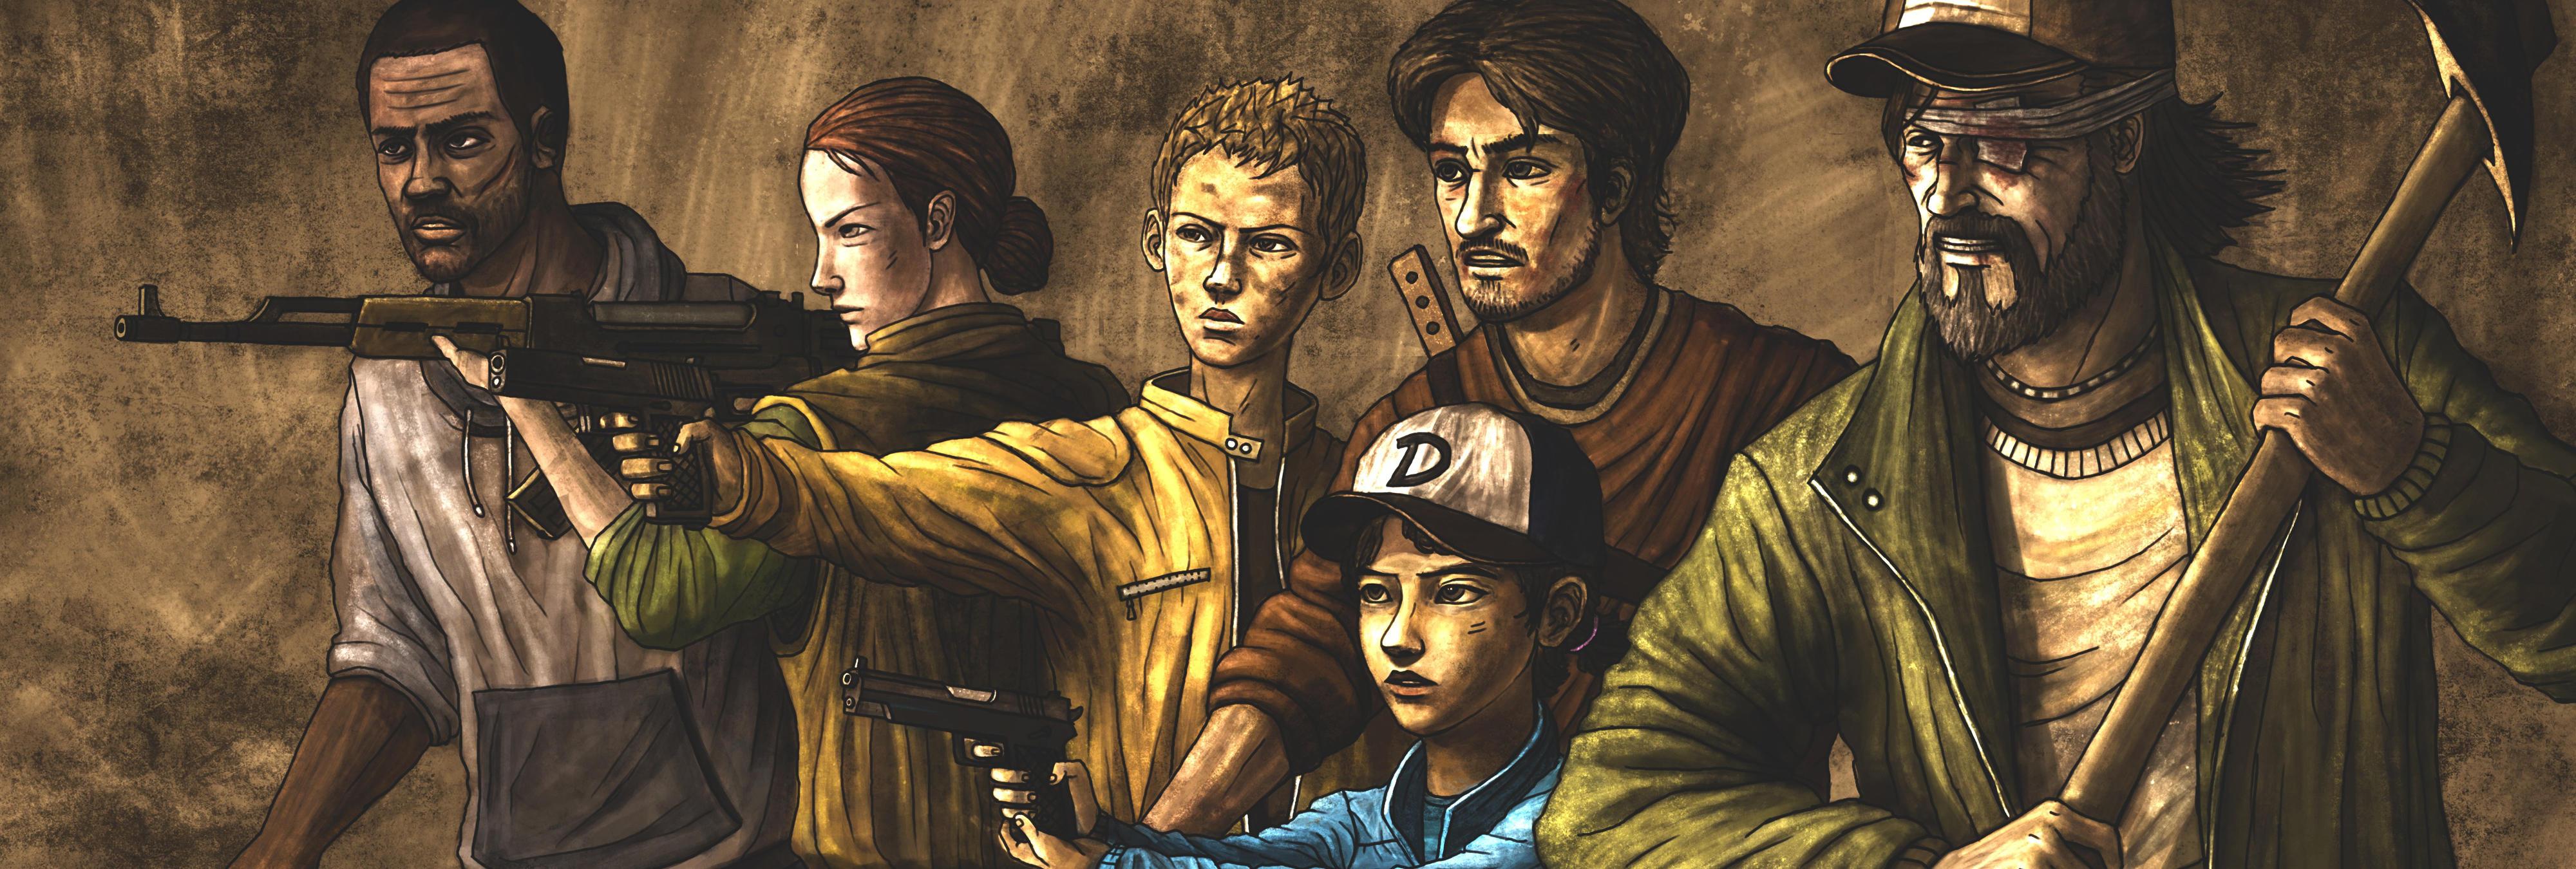 7 videojuegos basados en series de televisión